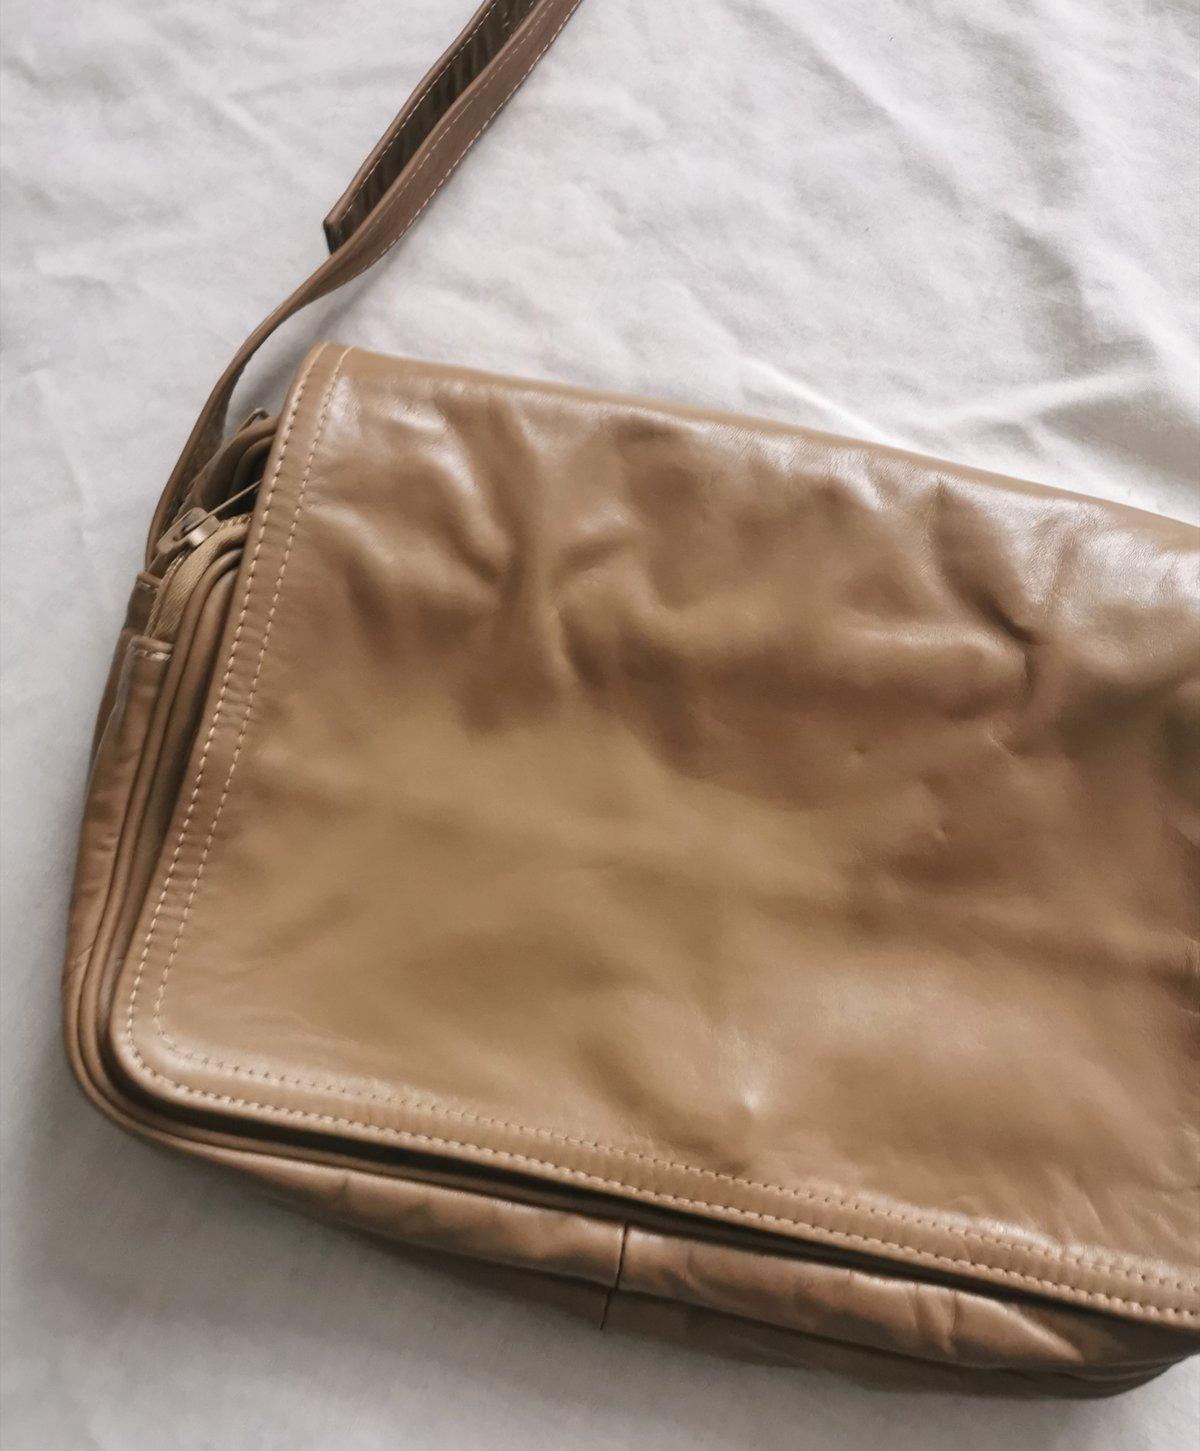 Image of a nineties bag